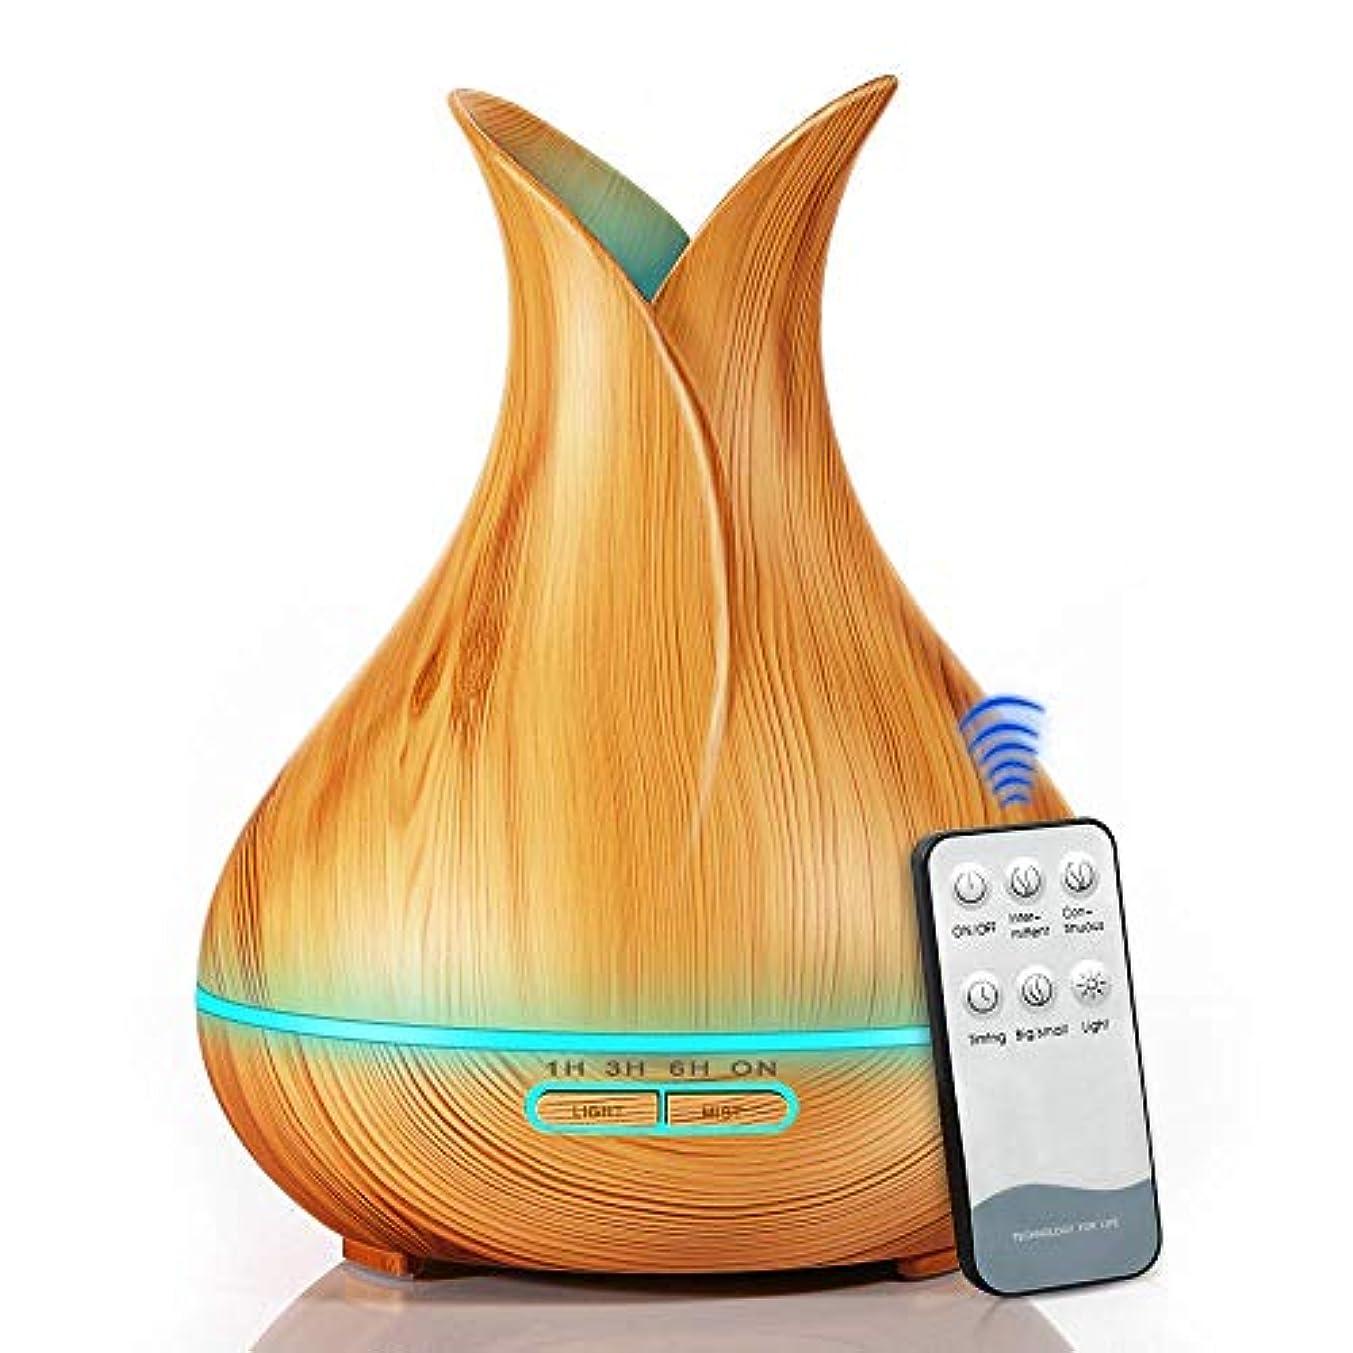 持ってる受け取る軸400Mlアロマエッセンシャルオイルディフューザーリモコン超音波加湿器、ウッドグレイン7色LED点灯タイマー設定,Brown